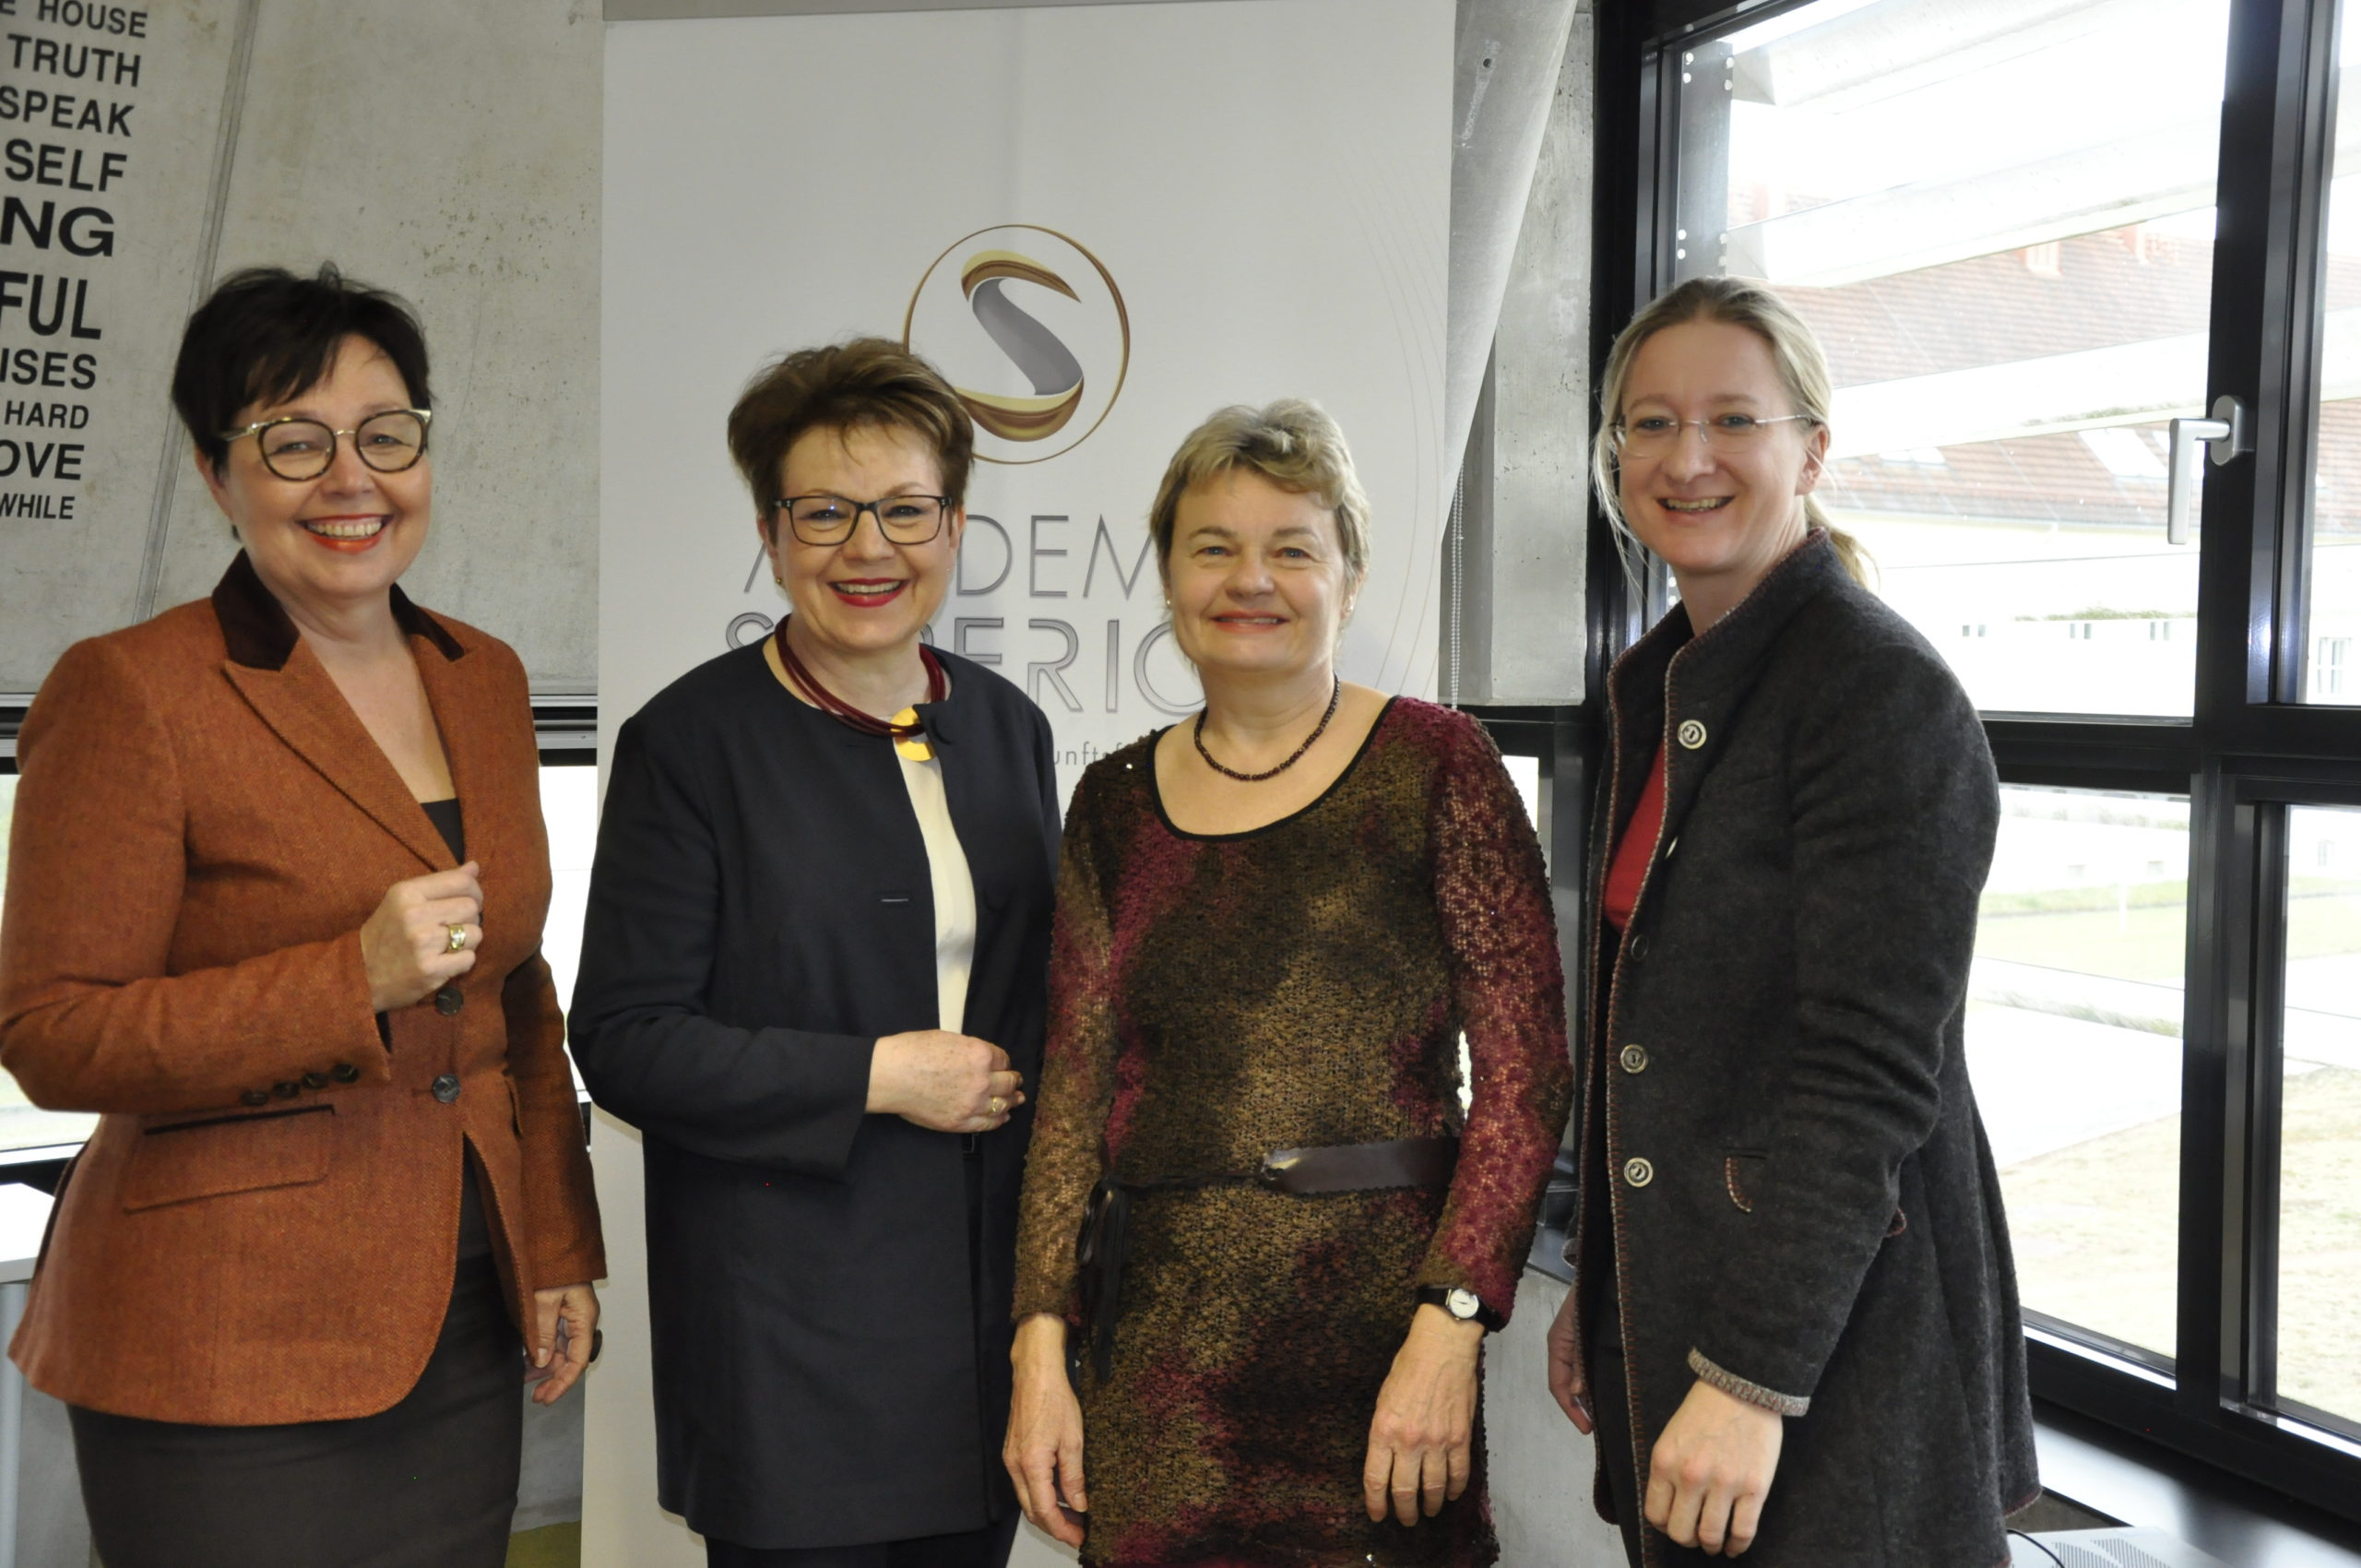 Foto v.l.n.r.: Claudia Durchschlag (Frauen im Trend), Ingrid Trauner (Trauner Verlag), Reinhilde Spiekermann (BRG Enns), Claudia Schwarz (ACADEMIA SUPERIOR)